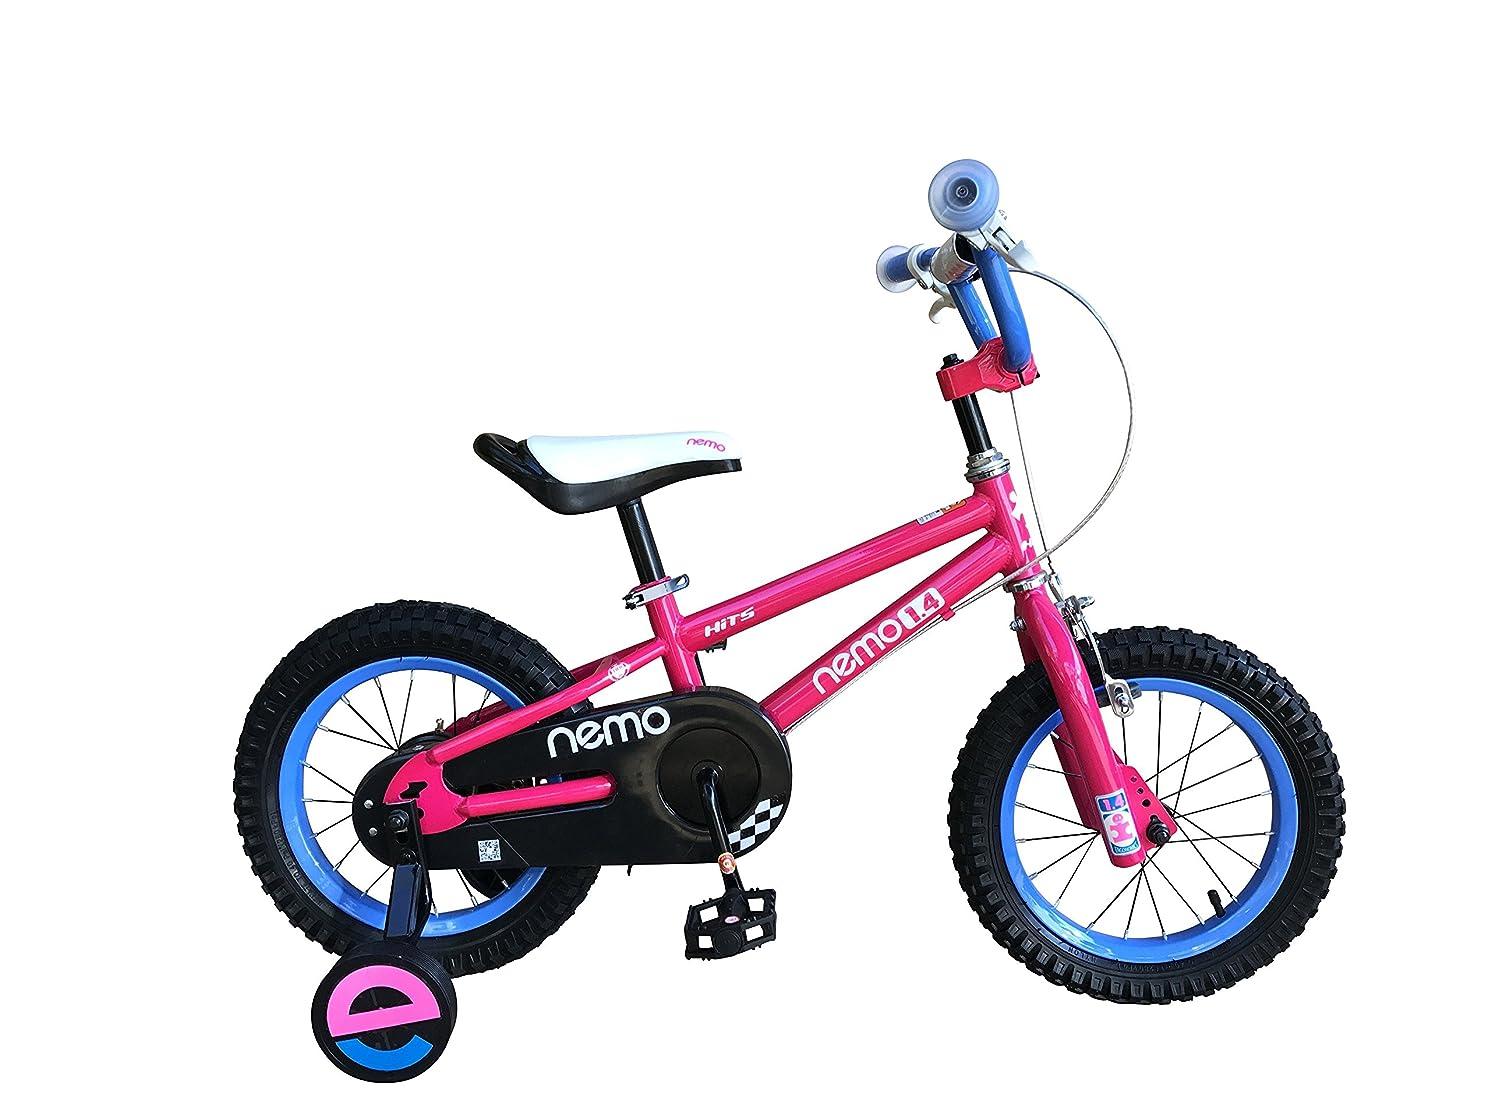 取得生息地エンジニアリングHITS(ヒッツ) Nemo 子供用 自転車 フロントキャリパーブレーキ リア バンドブレーキ 児童用 バイク ハンドブレーキモデル 14インチ 16インチ 男の子にも女の子にもぴったり 3歳 4歳 5歳 6歳 7歳 8歳 9歳